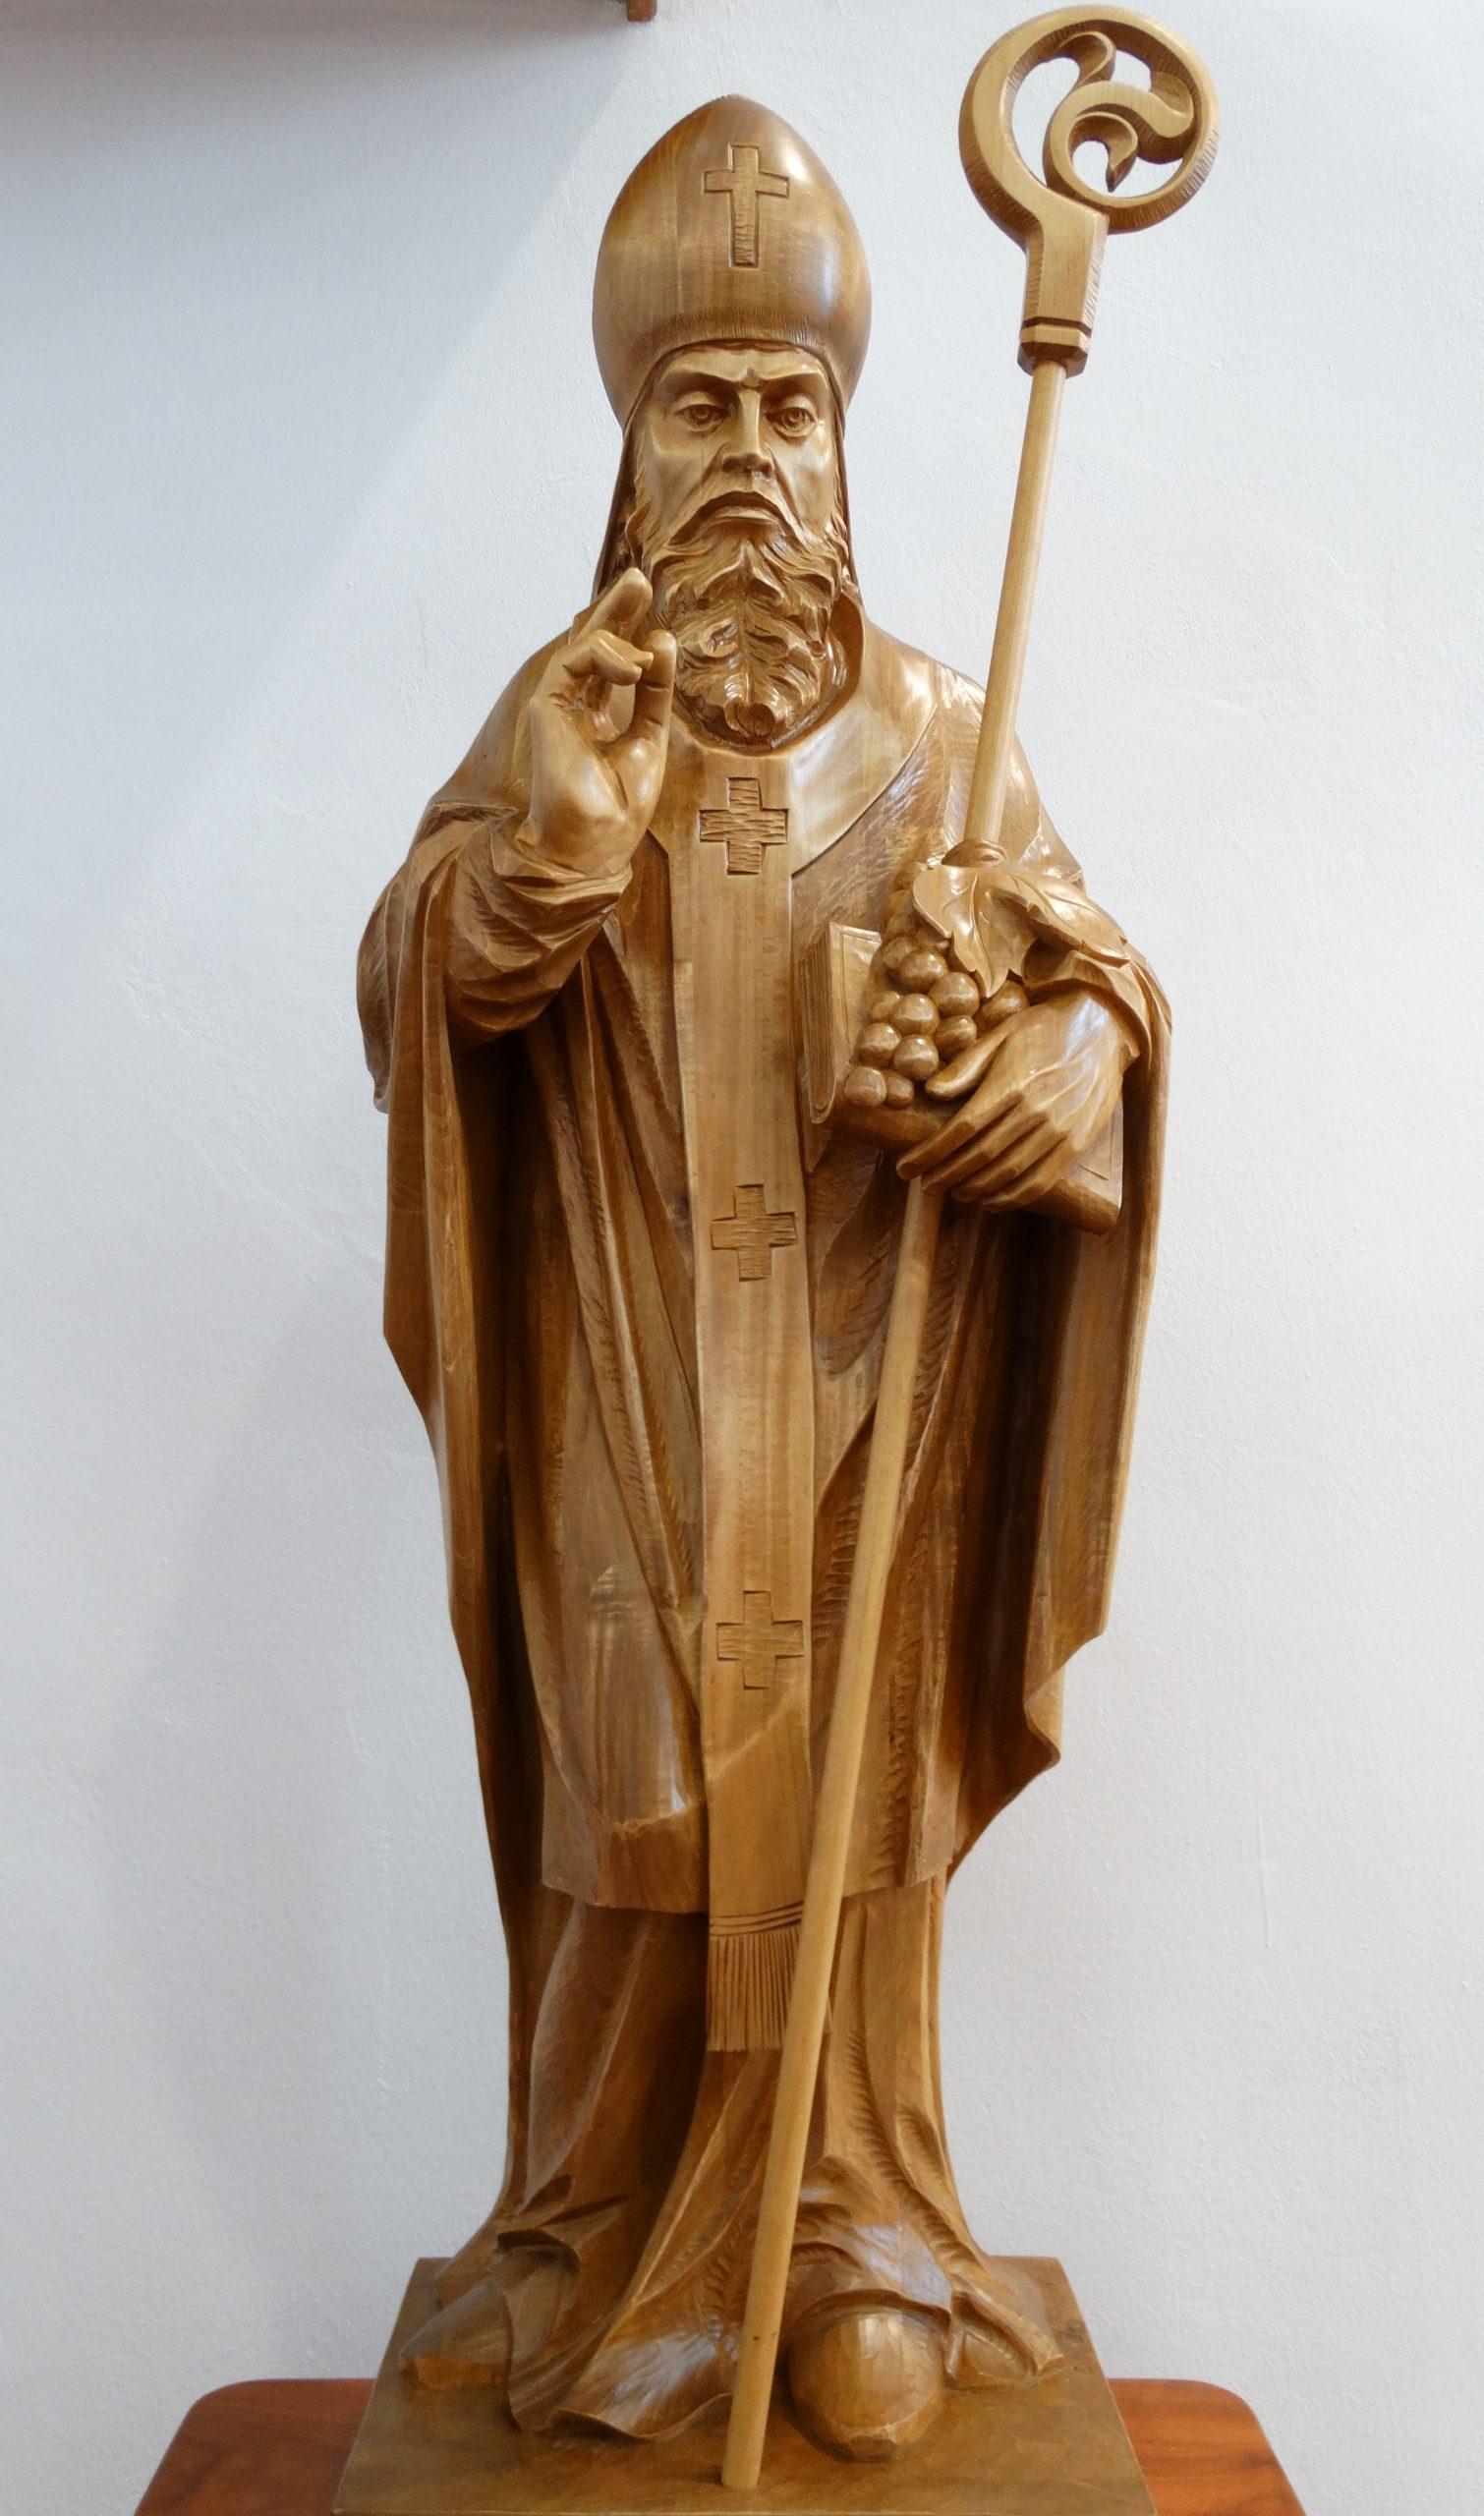 Rímskokatolícka farnosť sv. Urbana v Bystrom